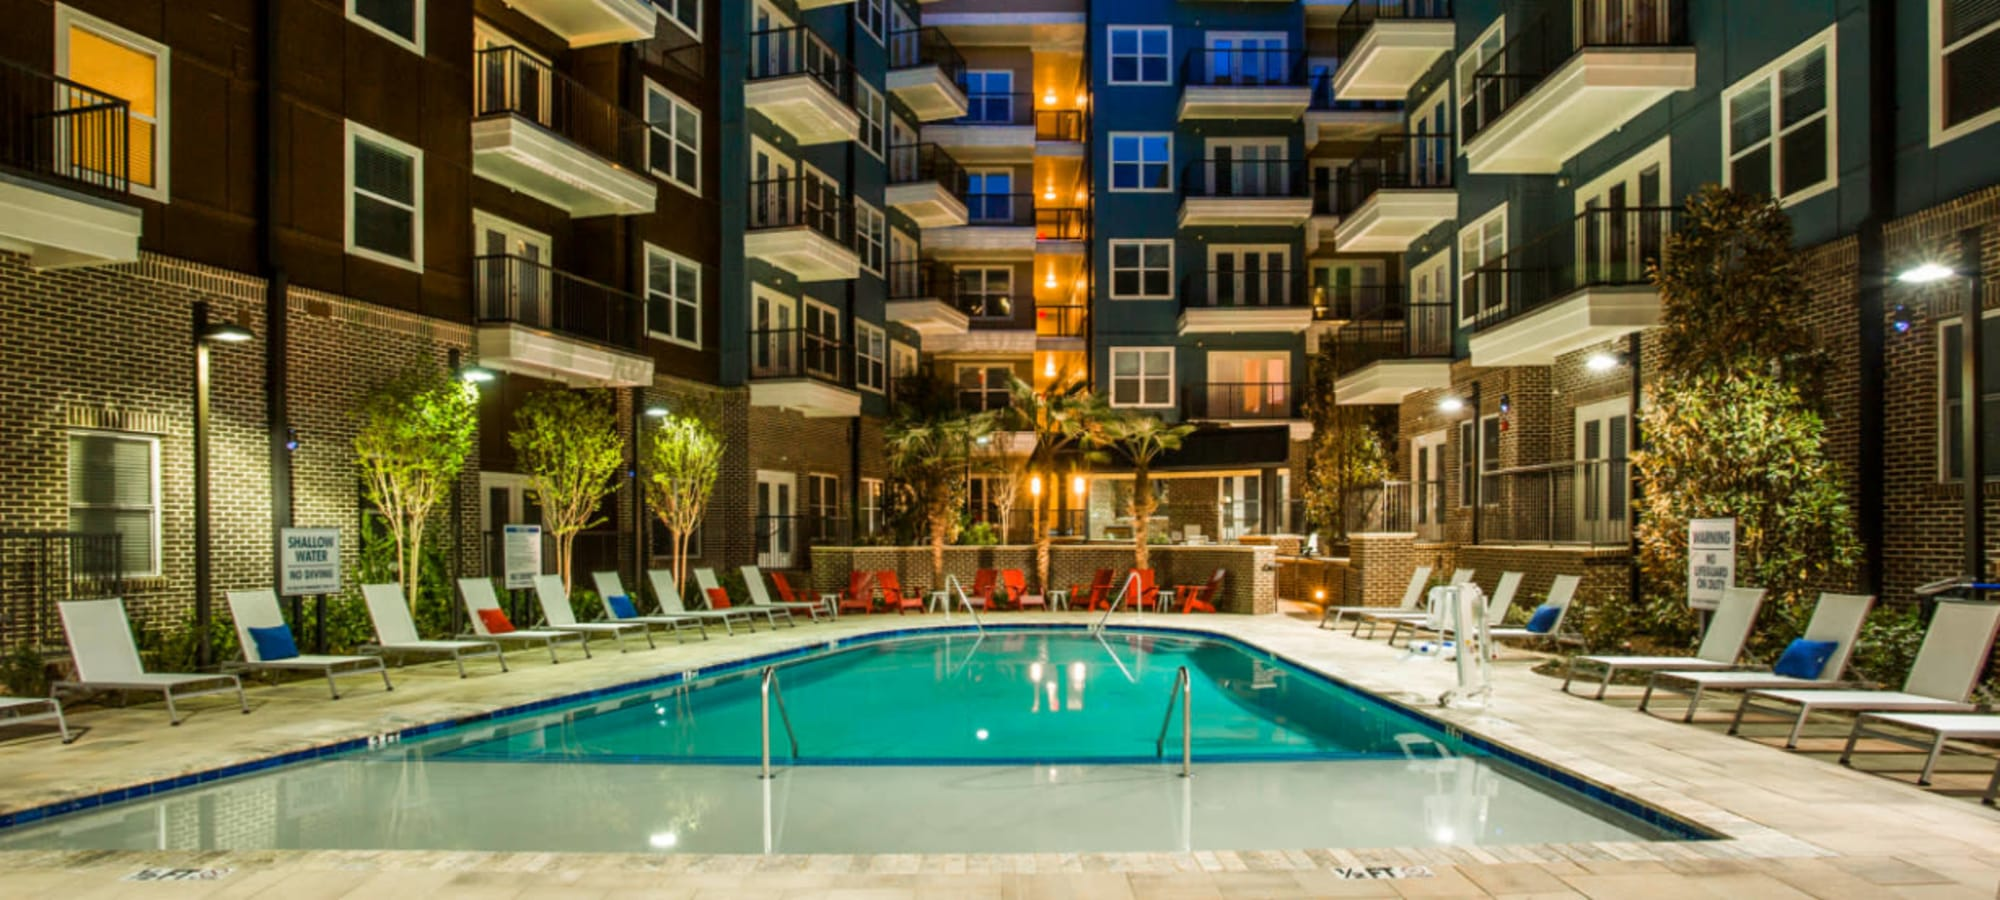 Apartments at Marq Midtown 205 in Charlotte, North Carolina